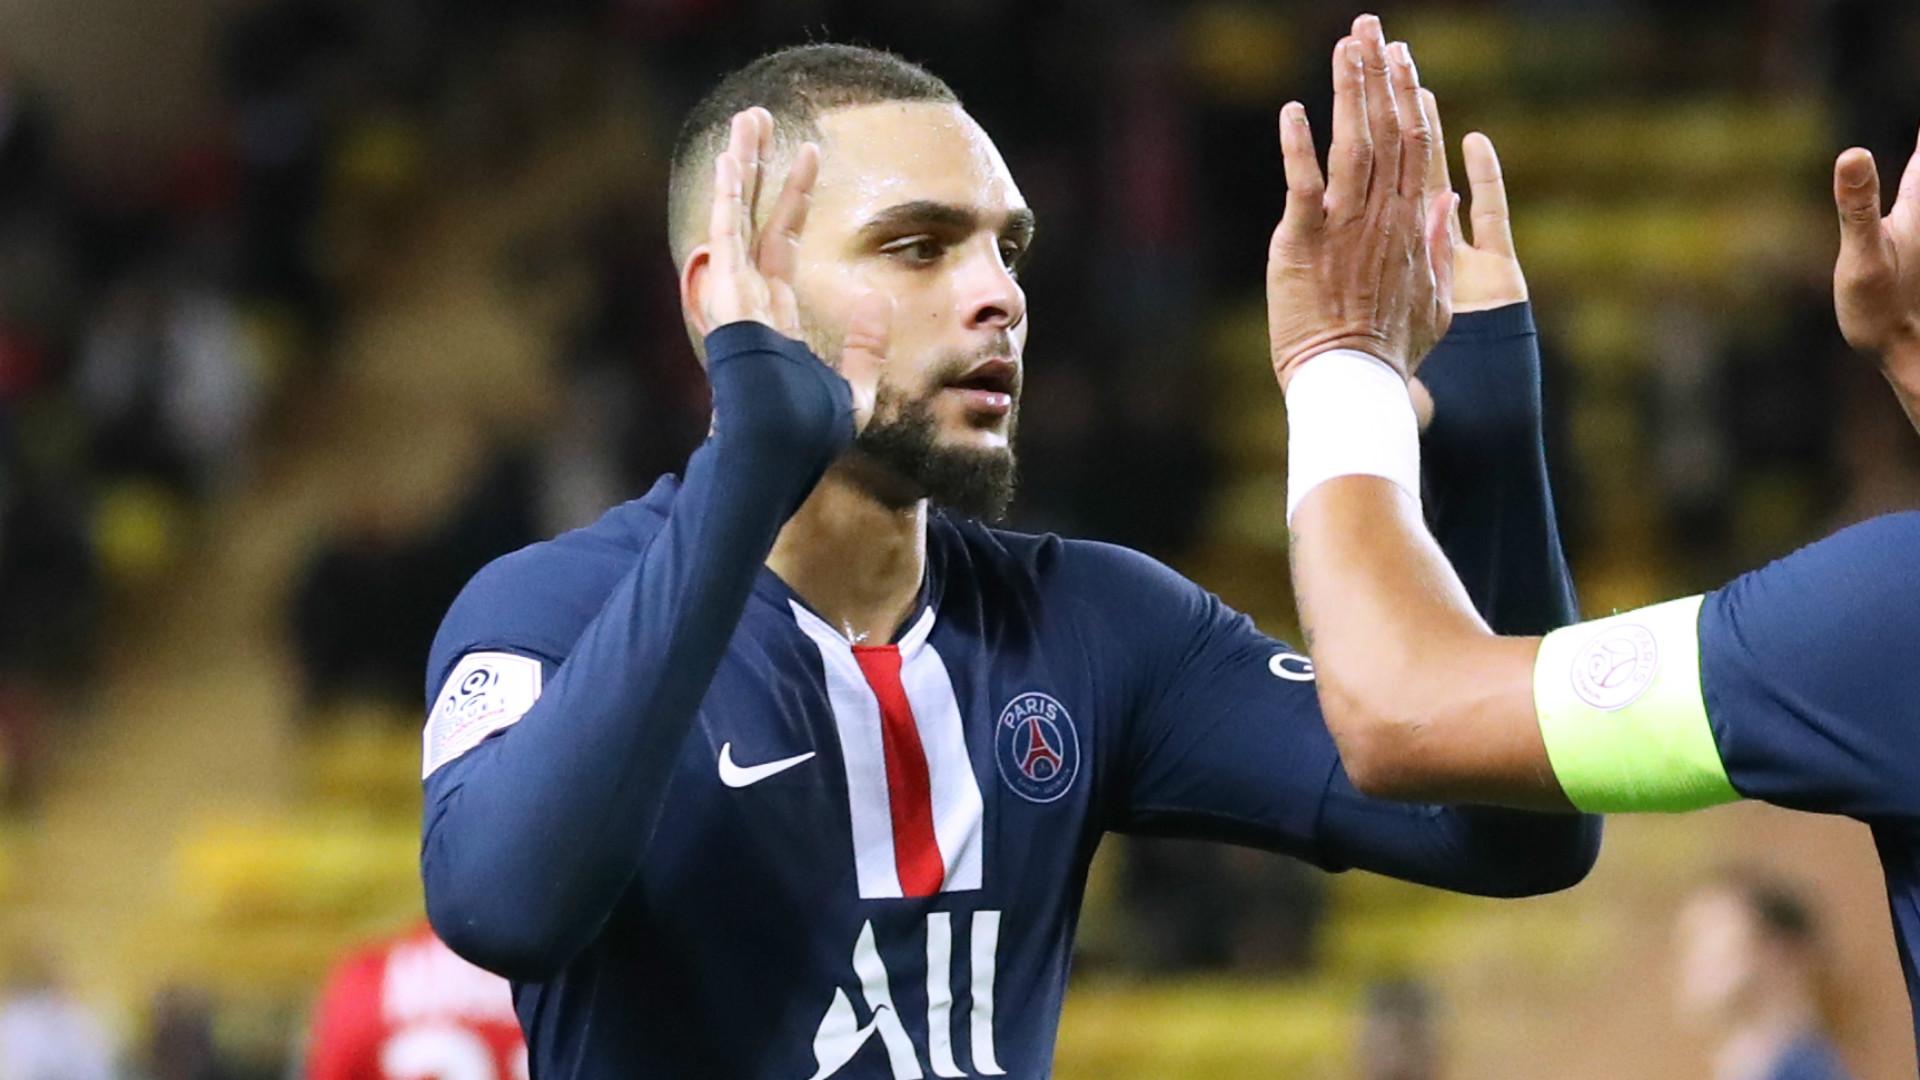 """Mercato, PSG - Tuchel : """"Tout n'est pas clair"""" pour Kurzawa et Cavani, qui n'iront pas à Lille"""